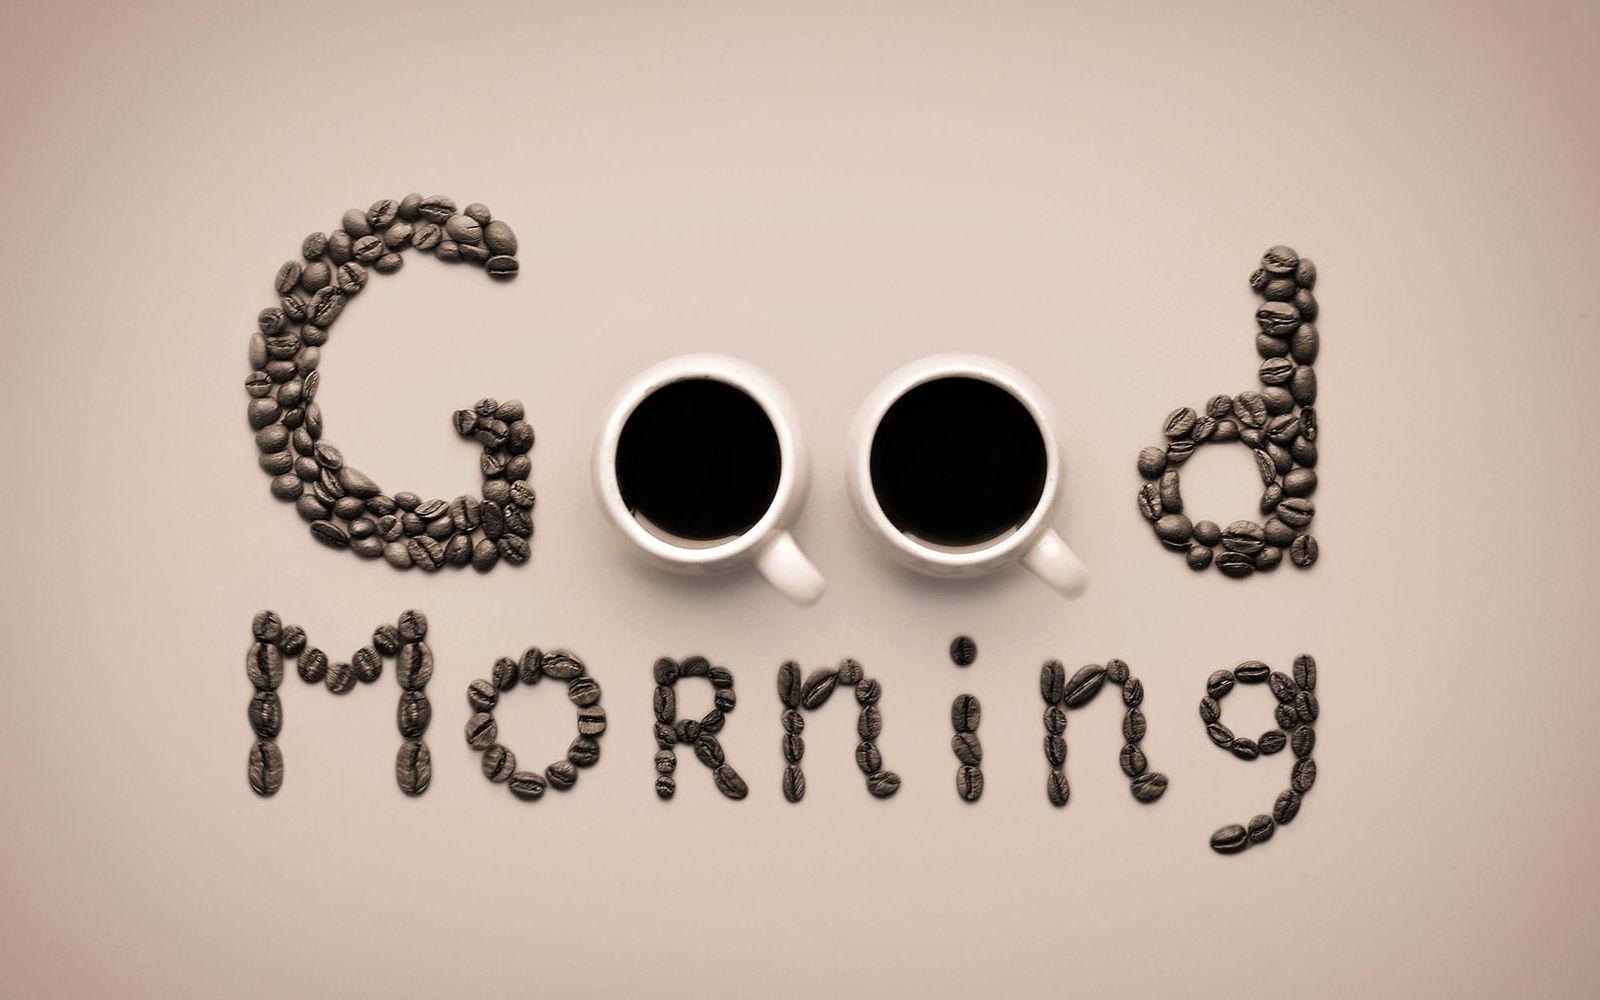 Good morning - Tasses - Café - Wallpaper - Free